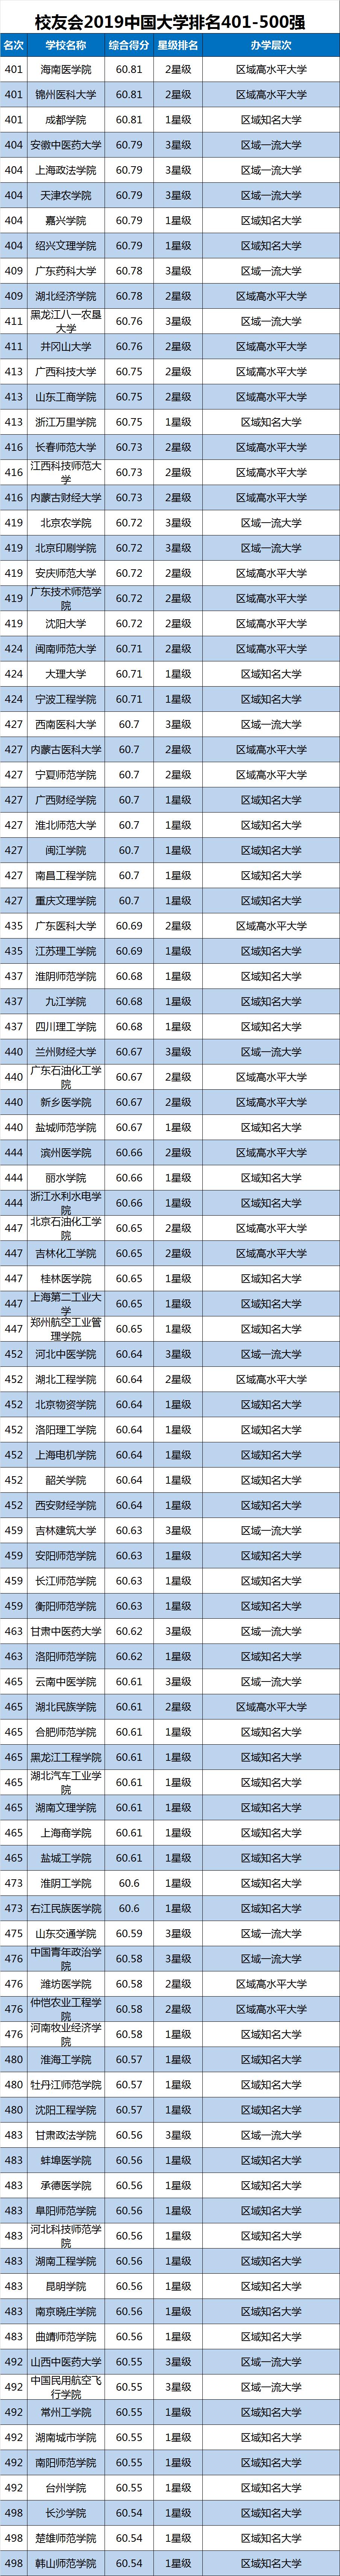 2019中国大学排行榜单最新发布,转给高考生!插图10